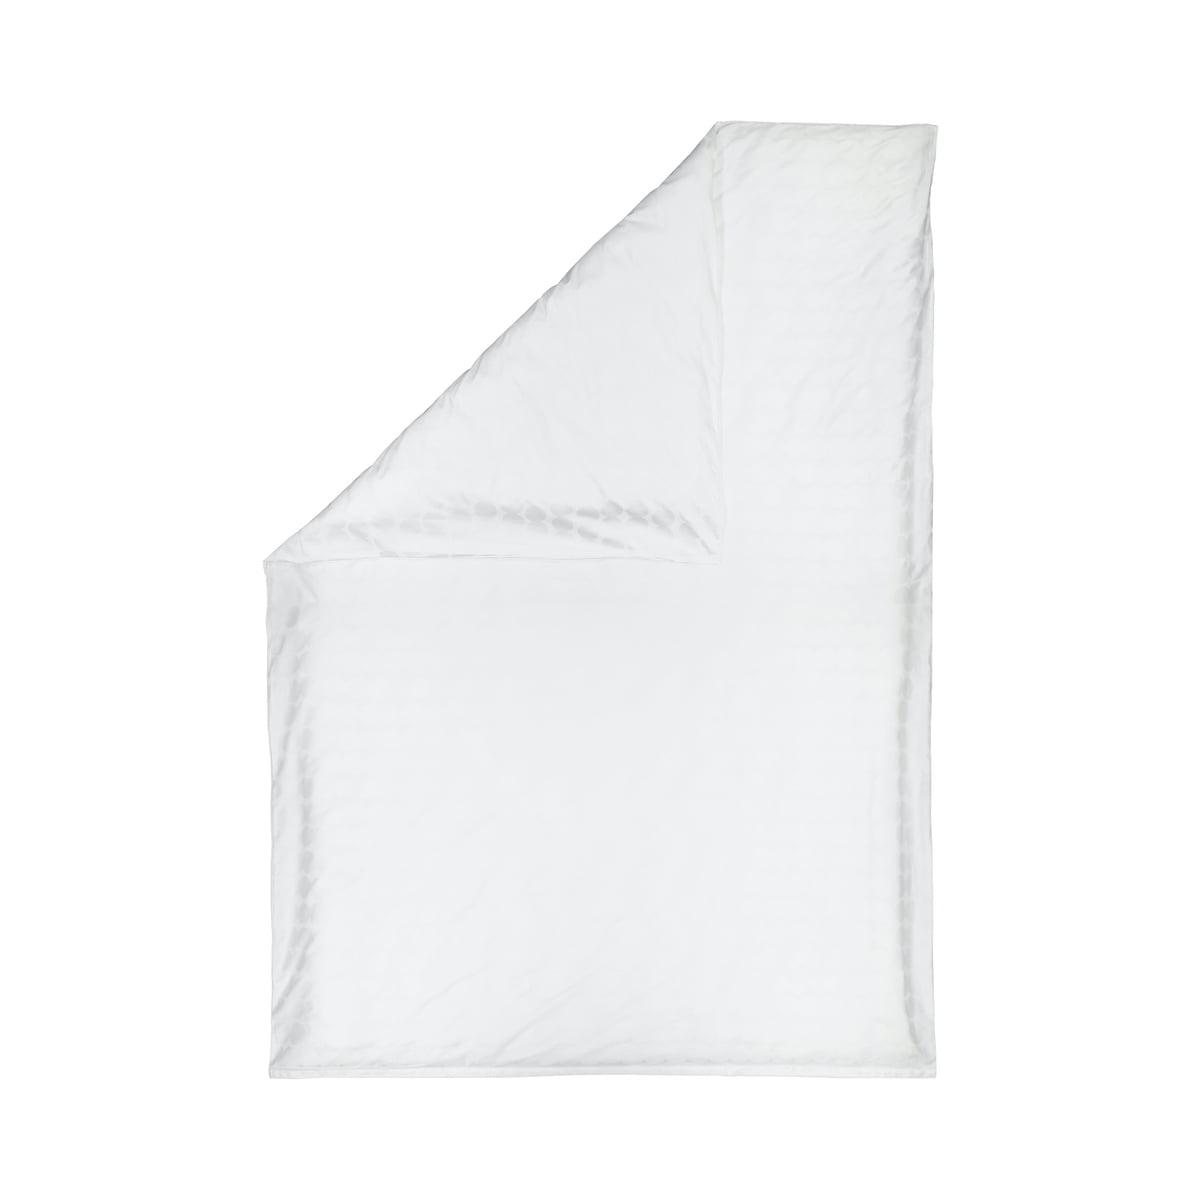 Marimekko - Räsymatto Deckenbezug, 150 x 210 cm, weiß